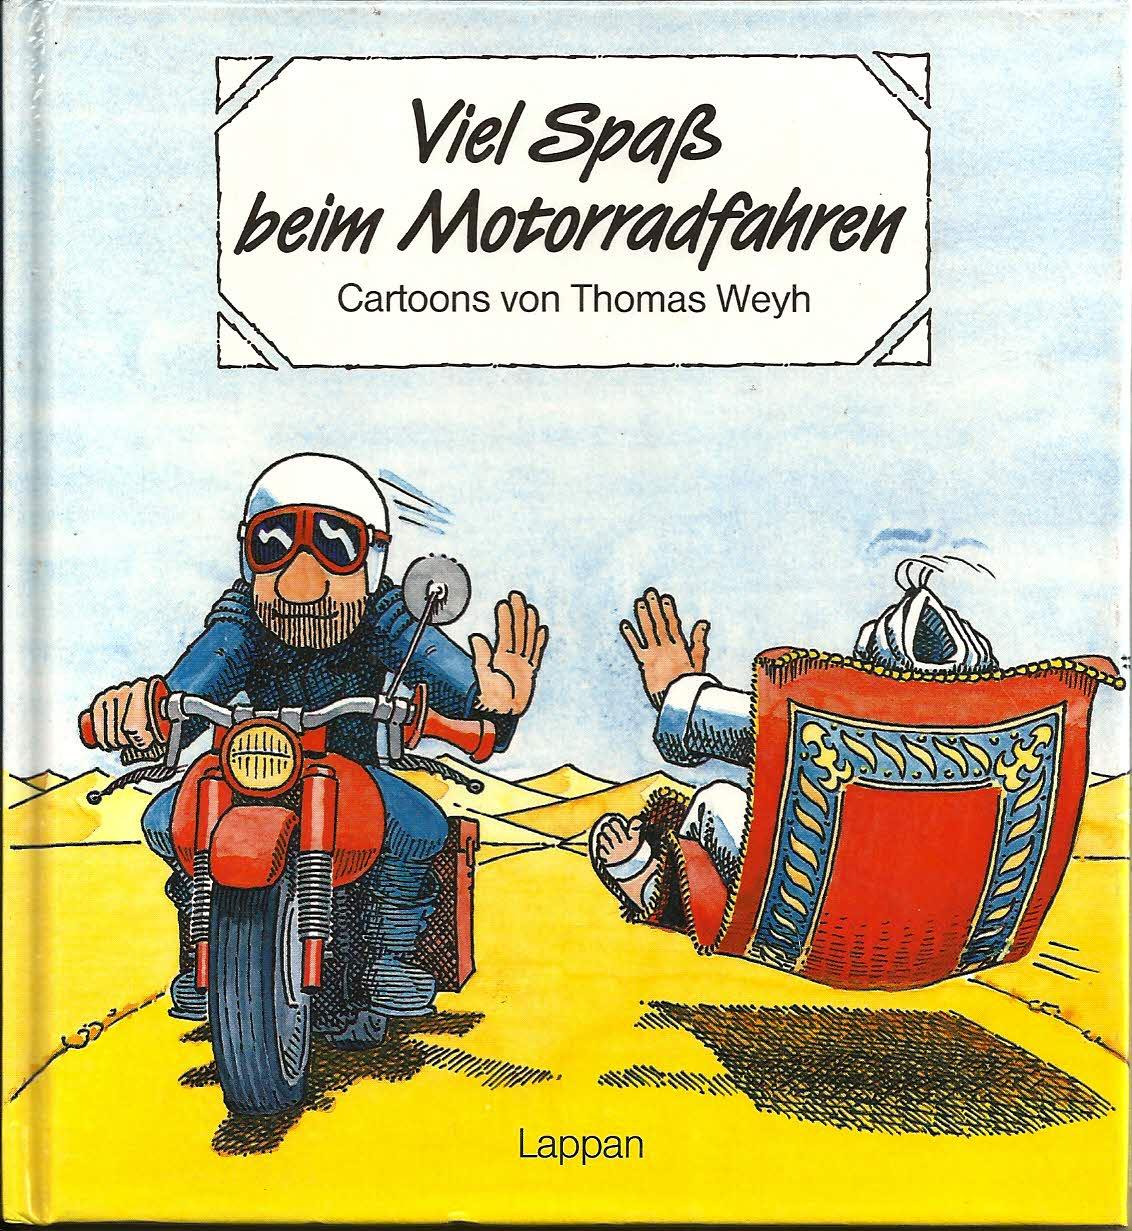 Viel spaß beim motorradfahren (1990) (German)